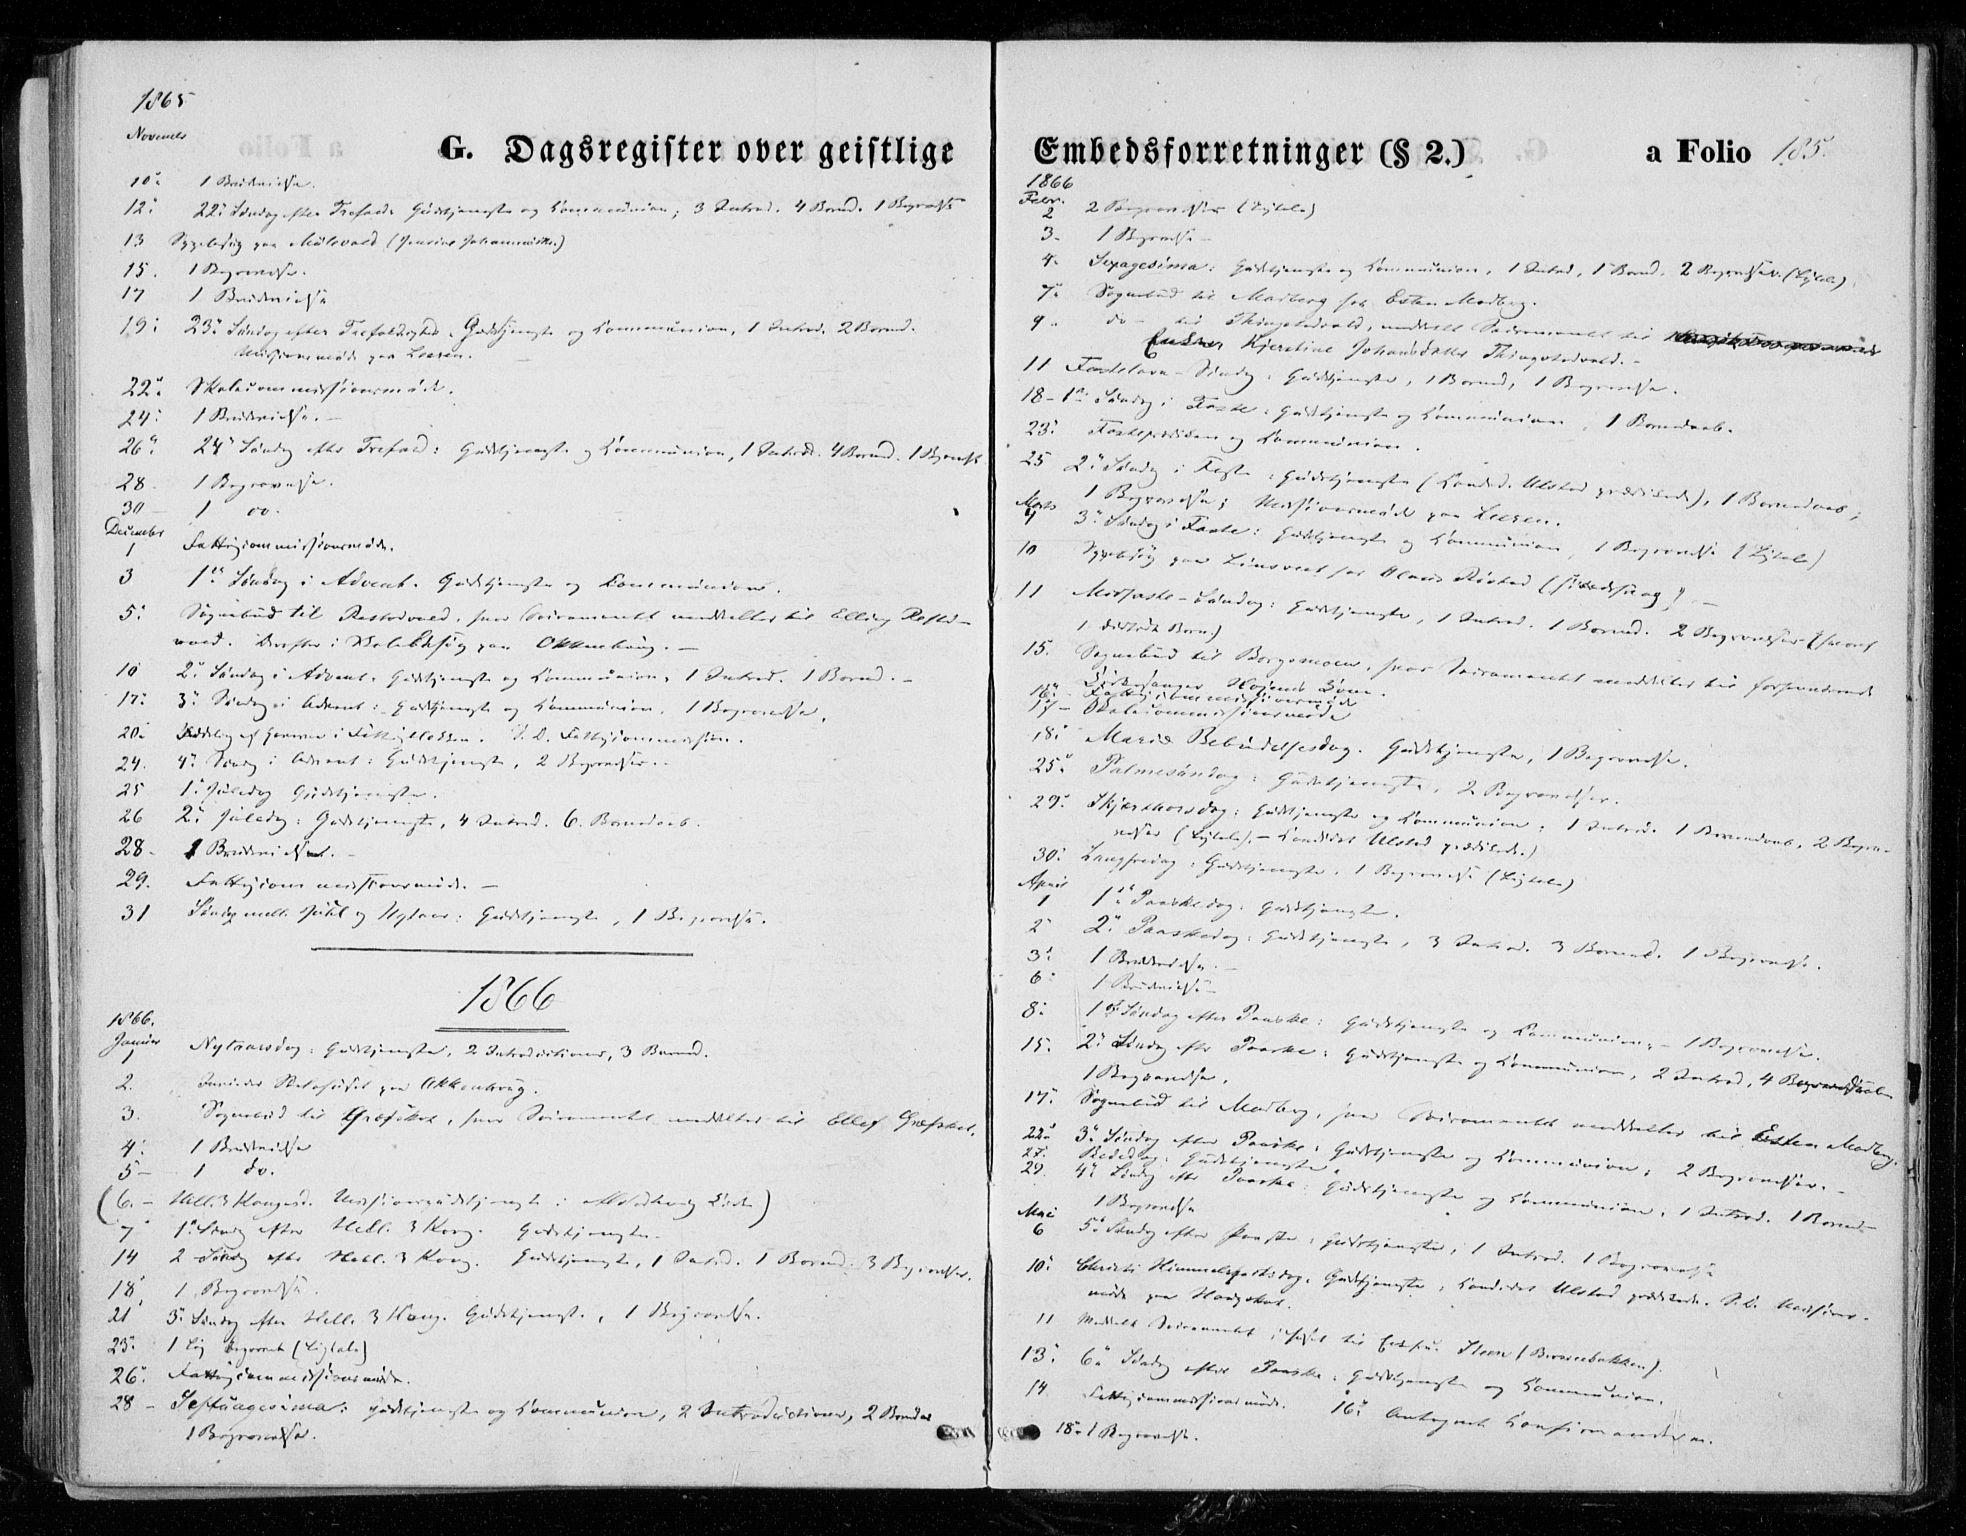 SAT, Ministerialprotokoller, klokkerbøker og fødselsregistre - Nord-Trøndelag, 721/L0206: Ministerialbok nr. 721A01, 1864-1874, s. 185